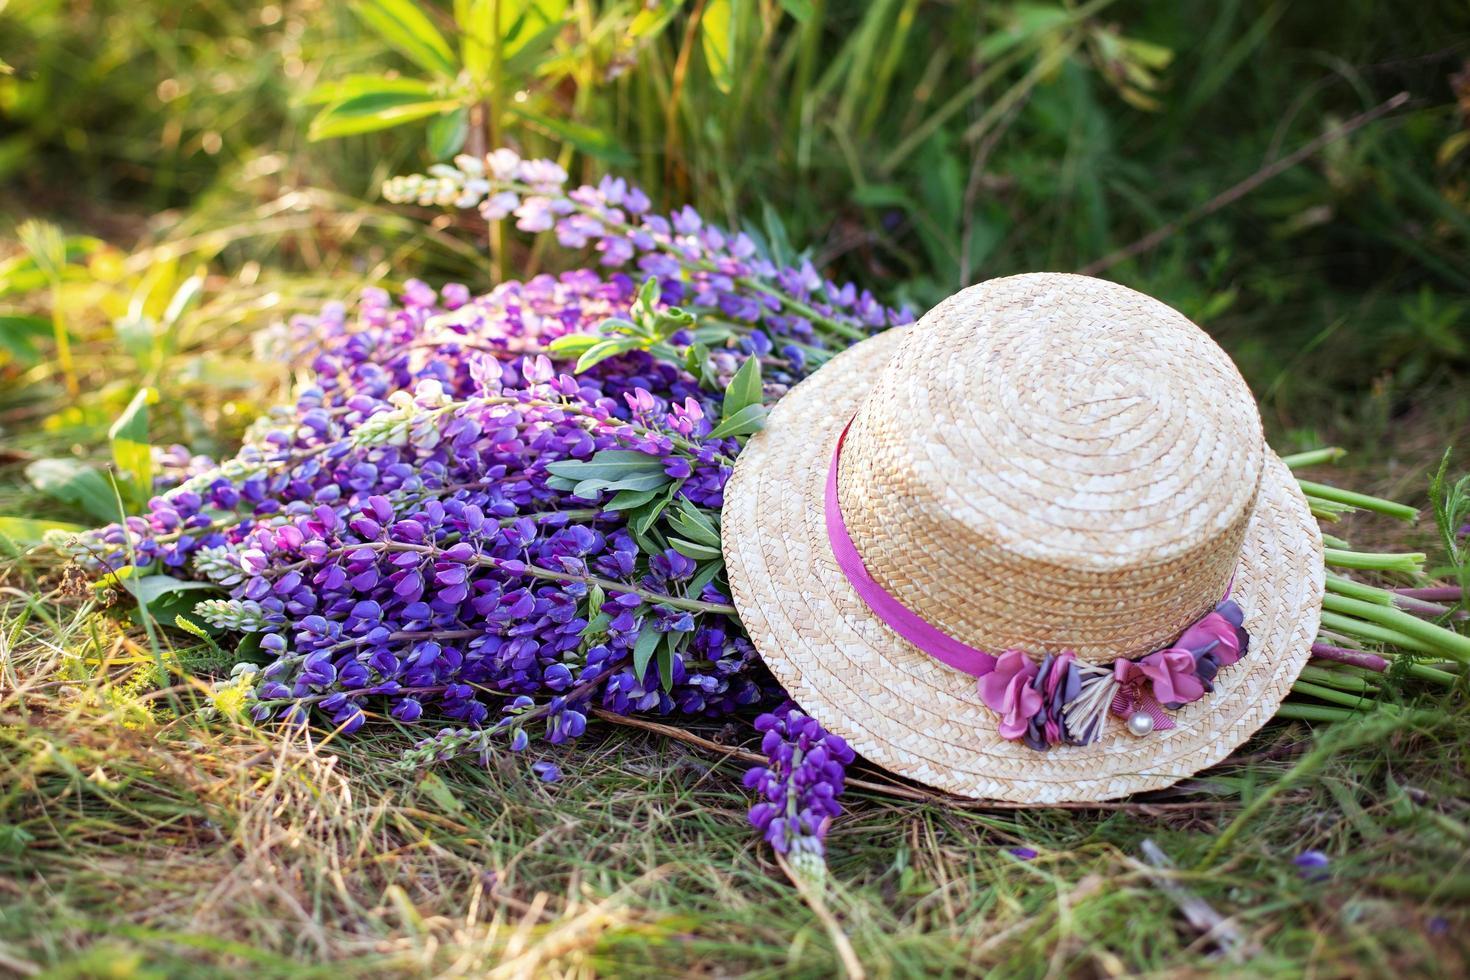 lila lupinblommor täckta med stråhatt i fältet foto